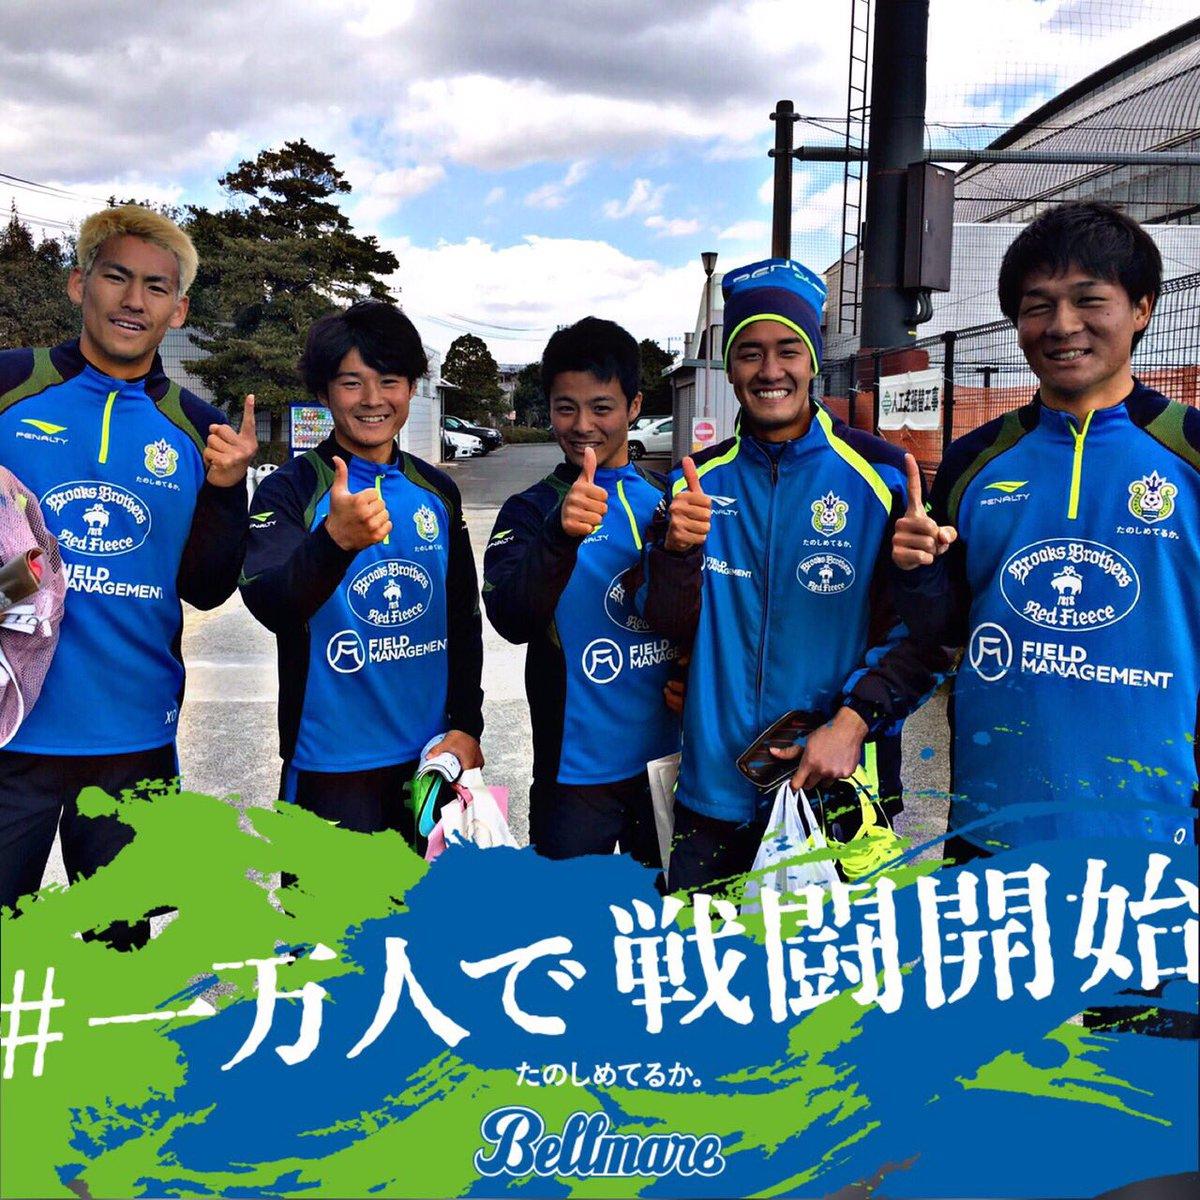 秋野央樹 hashtag on Twitter